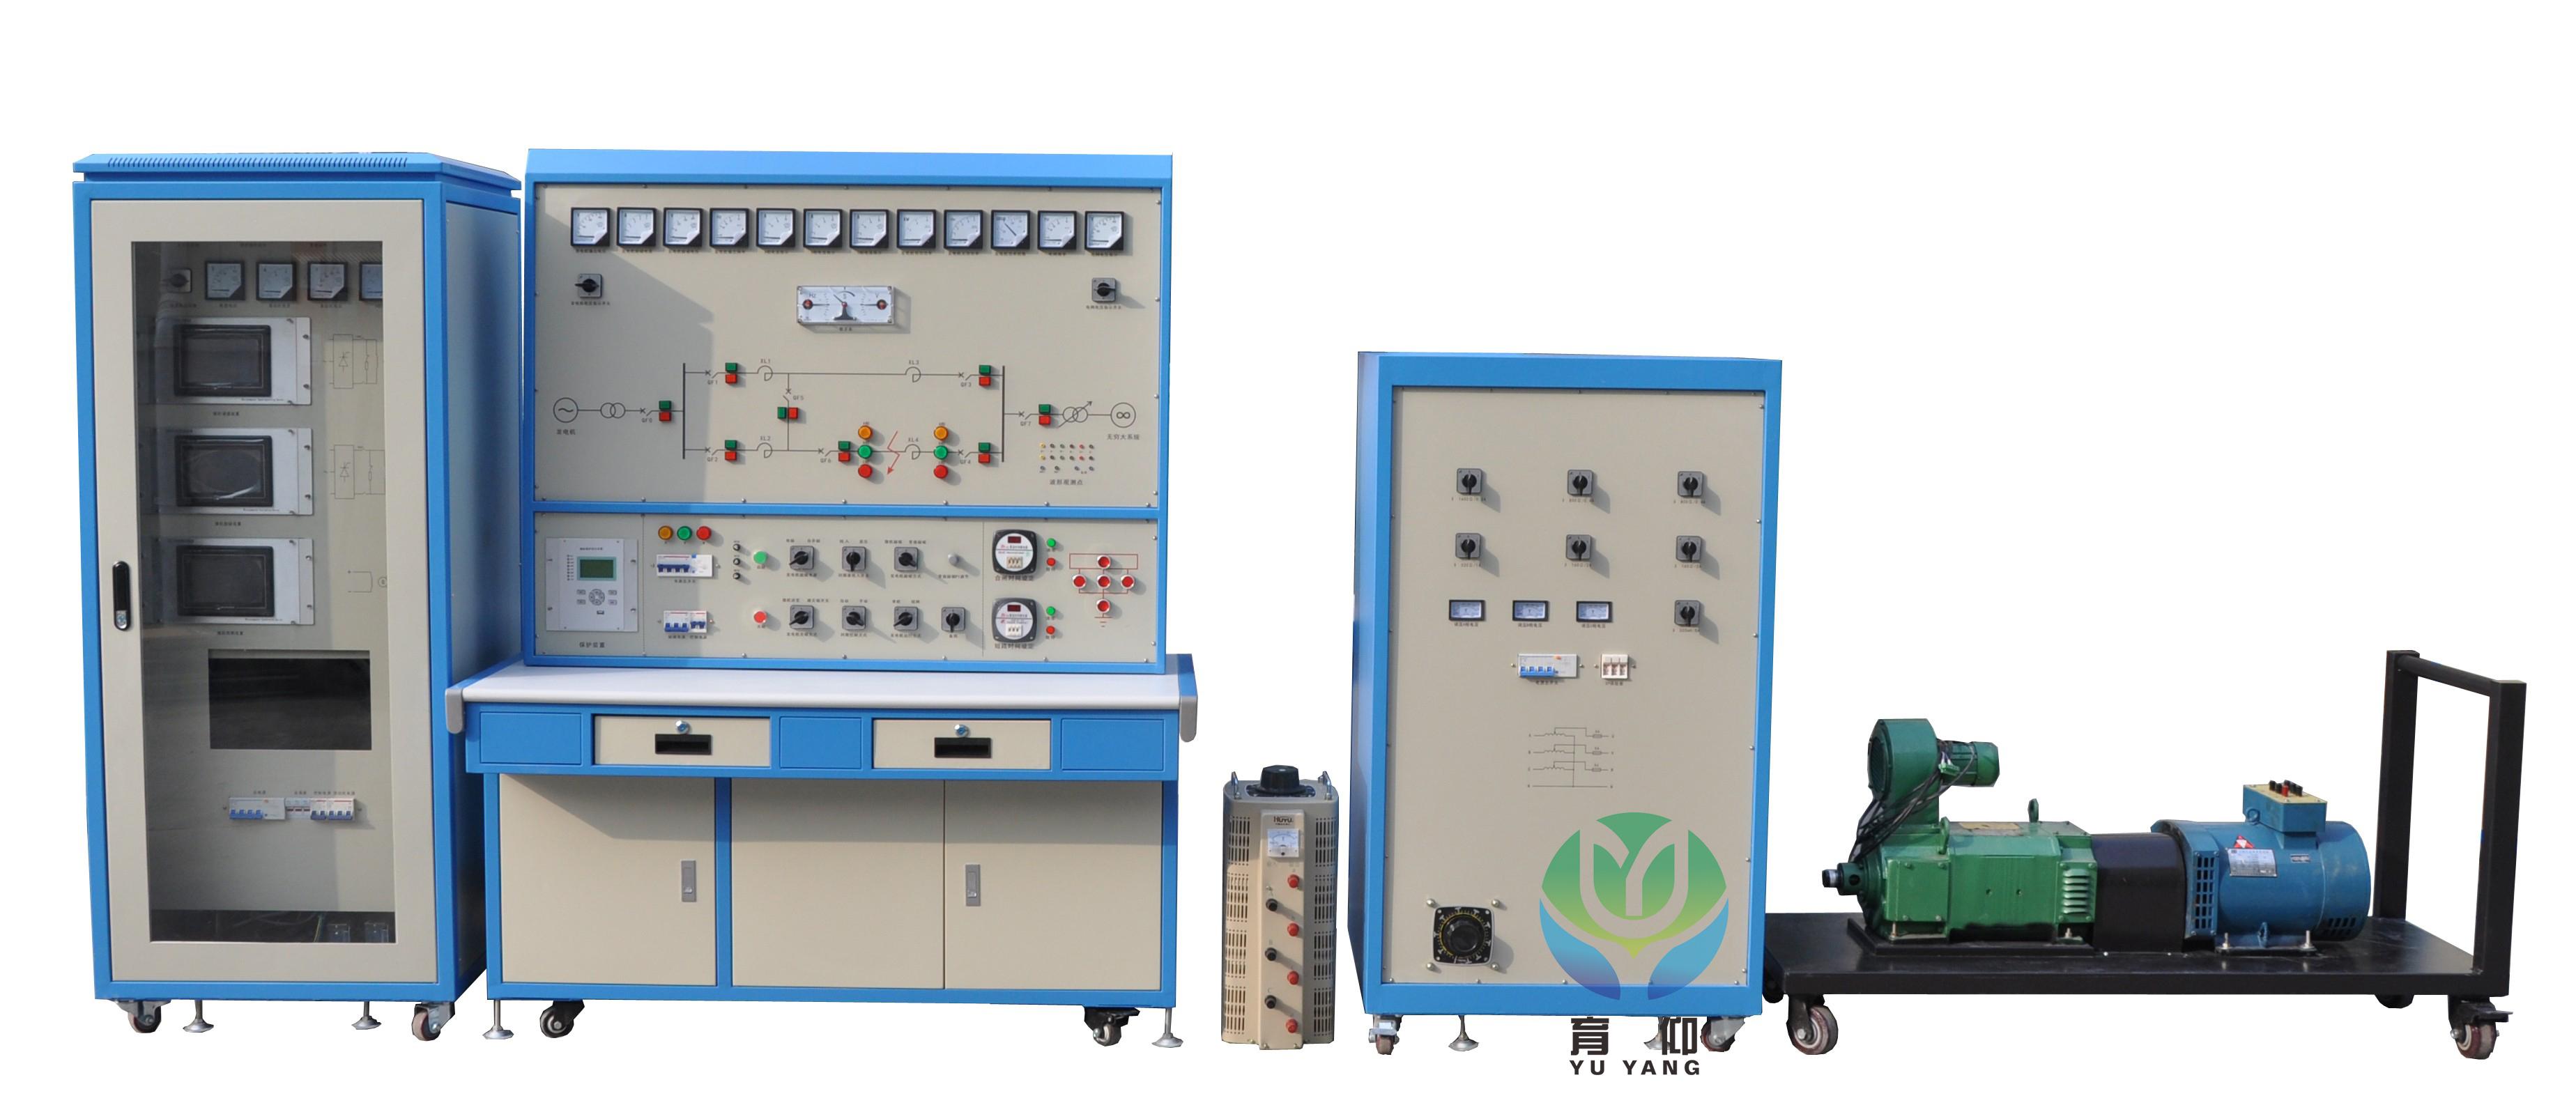 一、概述: 该平台由五部分组成:同步发电机组、机组控制柜、输电线路及监视保护屏、无穷大电力系统和阻抗负载。对发电厂中常用的自动装置、发电厂监控、电力系统运行、继电保护等教学内容进行操作、测试和试验。装置采用固定式结构。本实训平台适用于高校、中专、技校电力、电气、自动化类各专业相关课程的实训与实验,也可用于电力行业对从事发电人员的培训。 二、特点: 1.